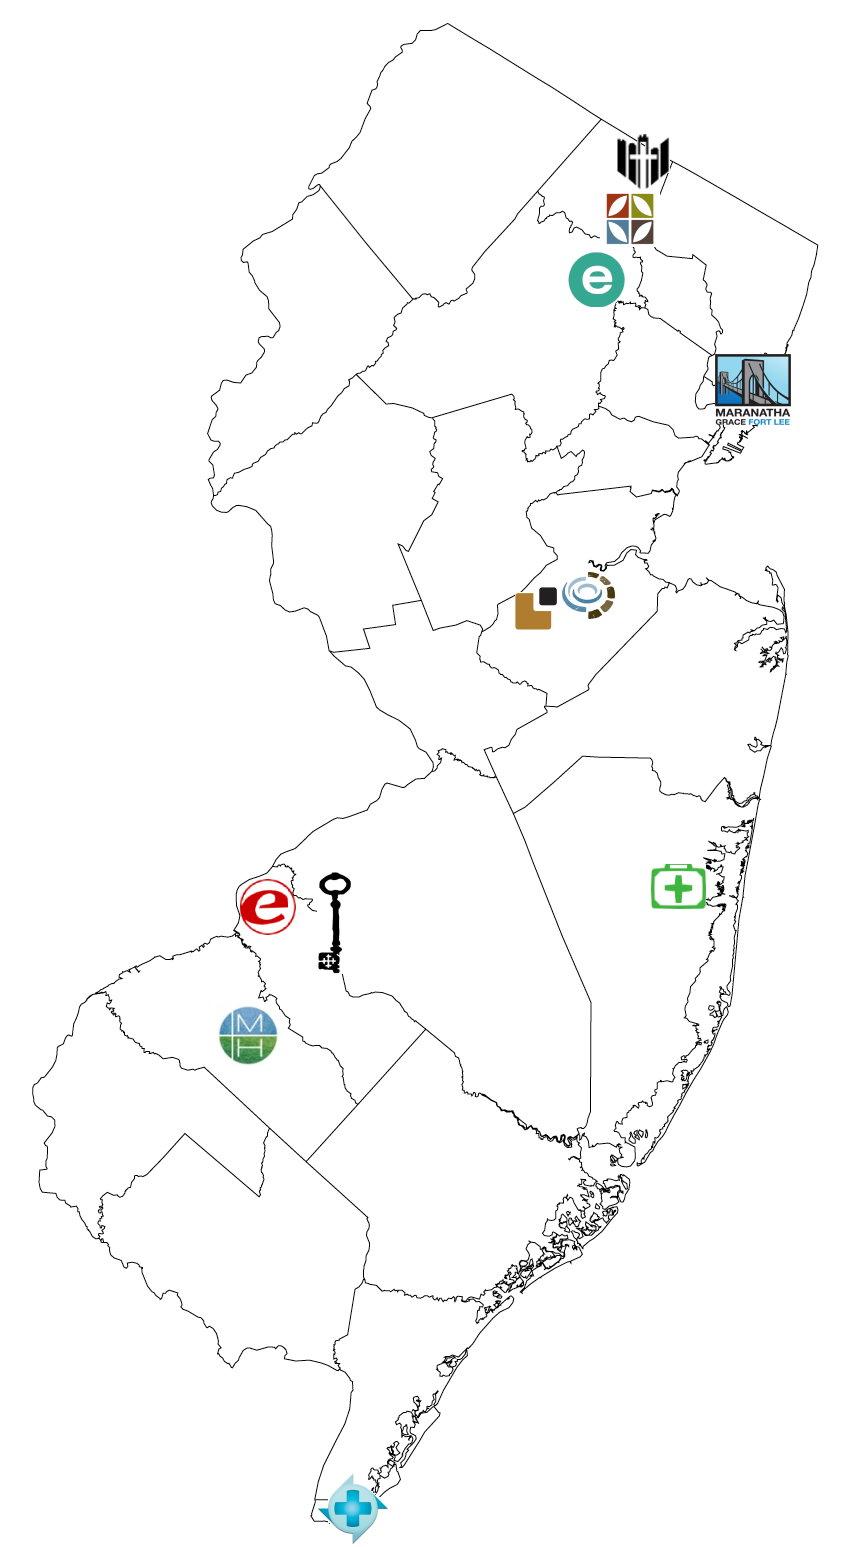 NJ_church_map_2_18_2014.jpg